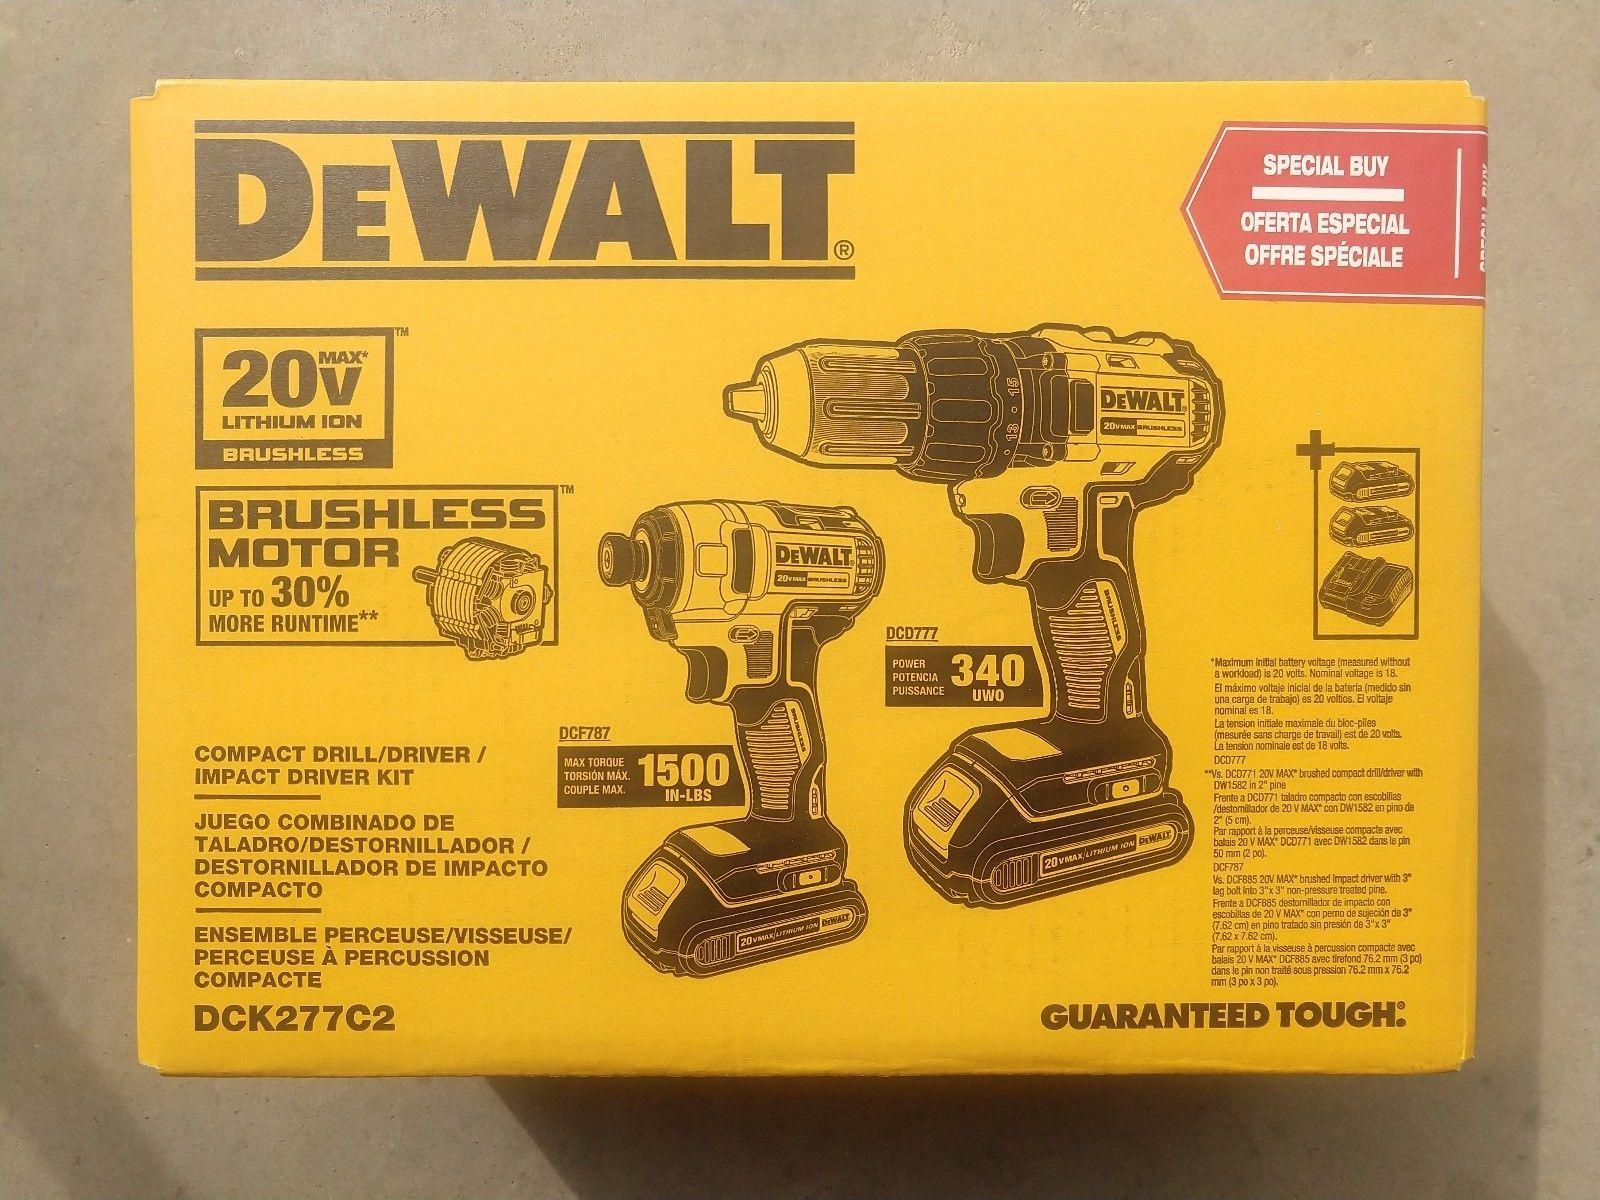 DCK277C2 POWER TOOLS 20V DCK277C2 Drill COMBO Set NEW NEW NEW!!!